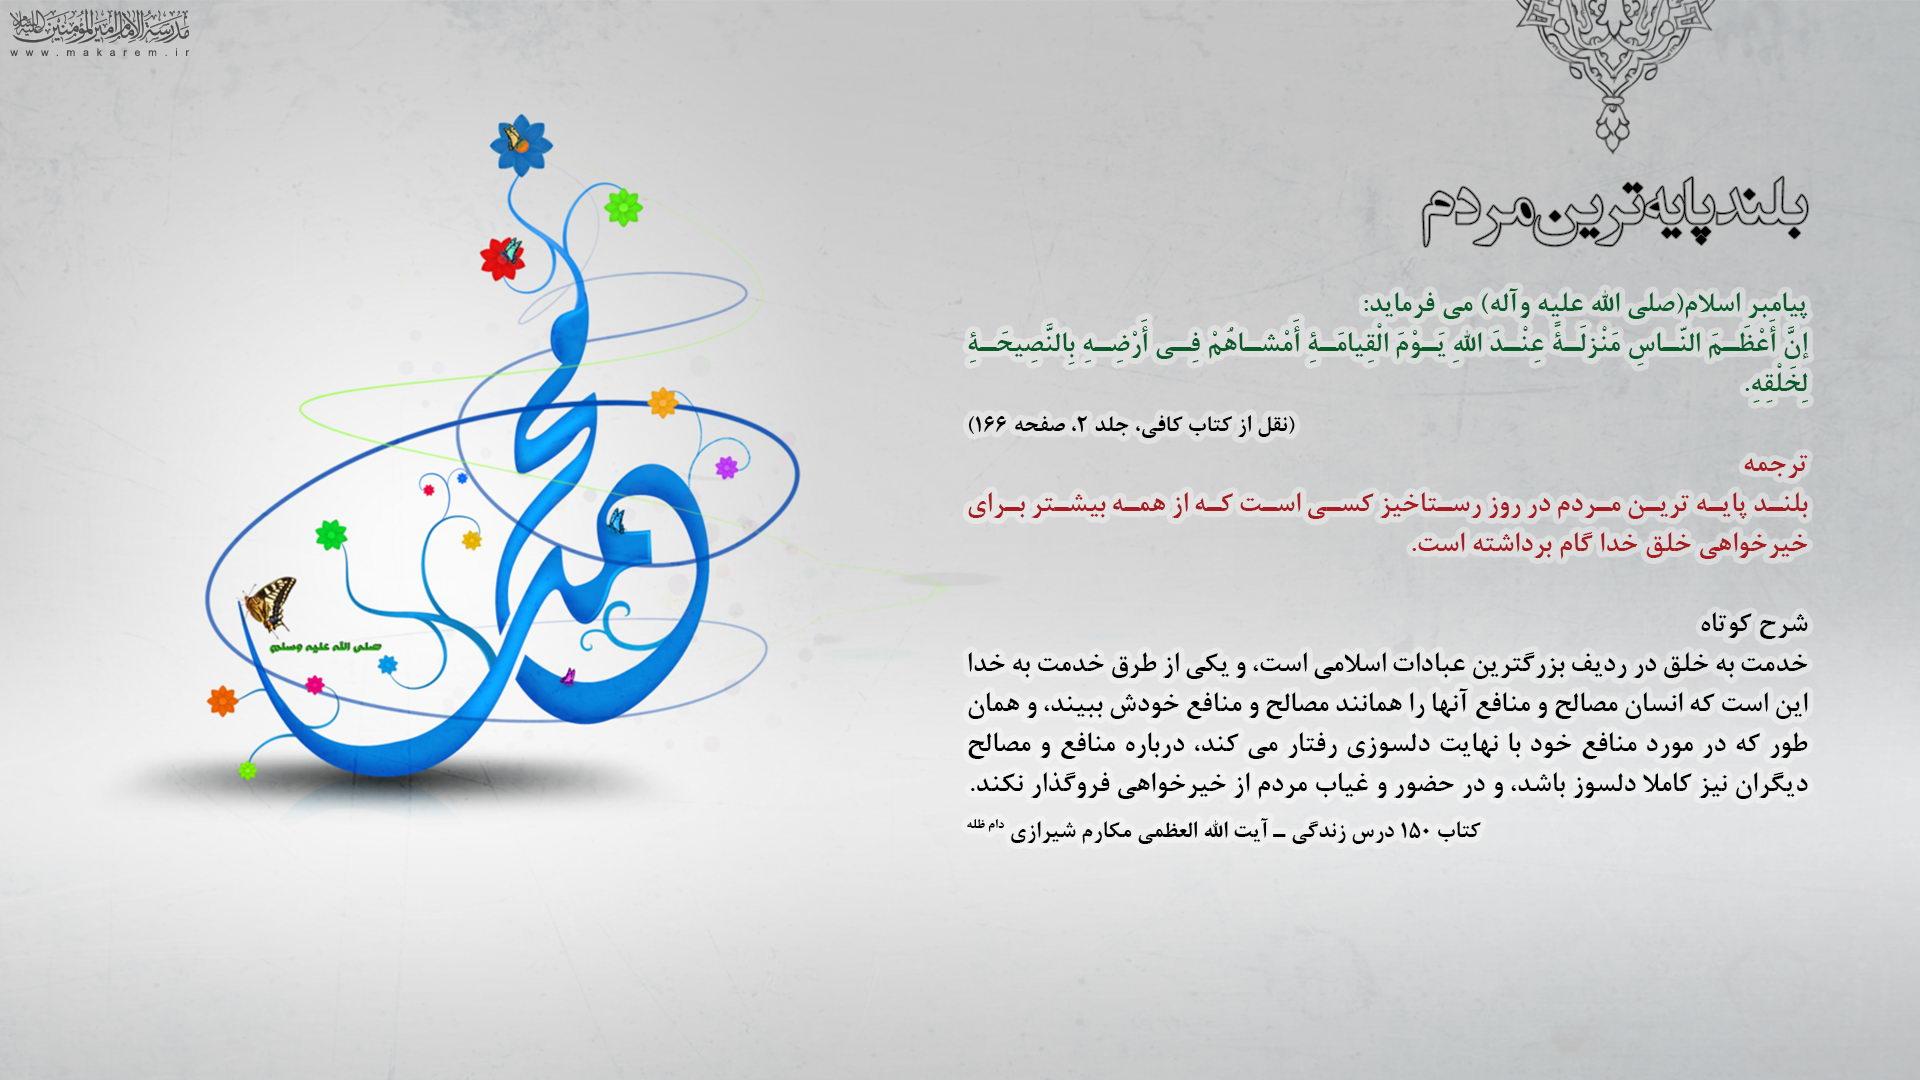 بلند پایه ترین مردم-مدرسه الامام امیر المومنین (ع)